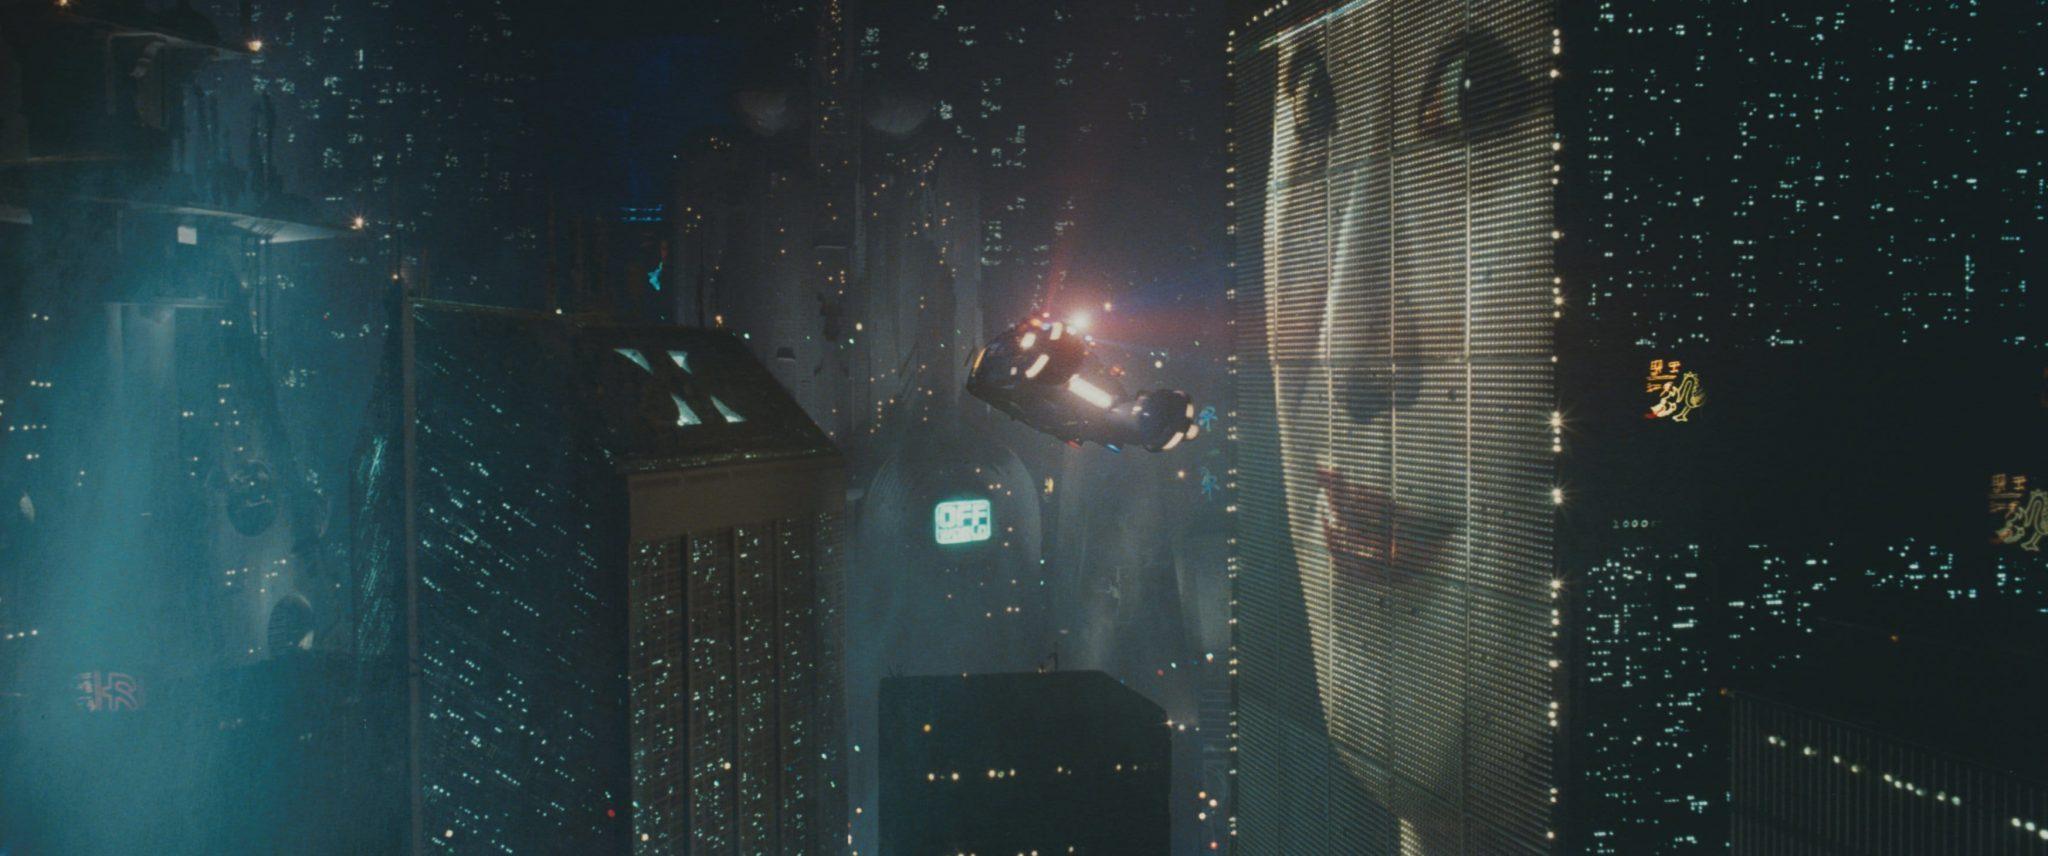 Blade Runner image 5